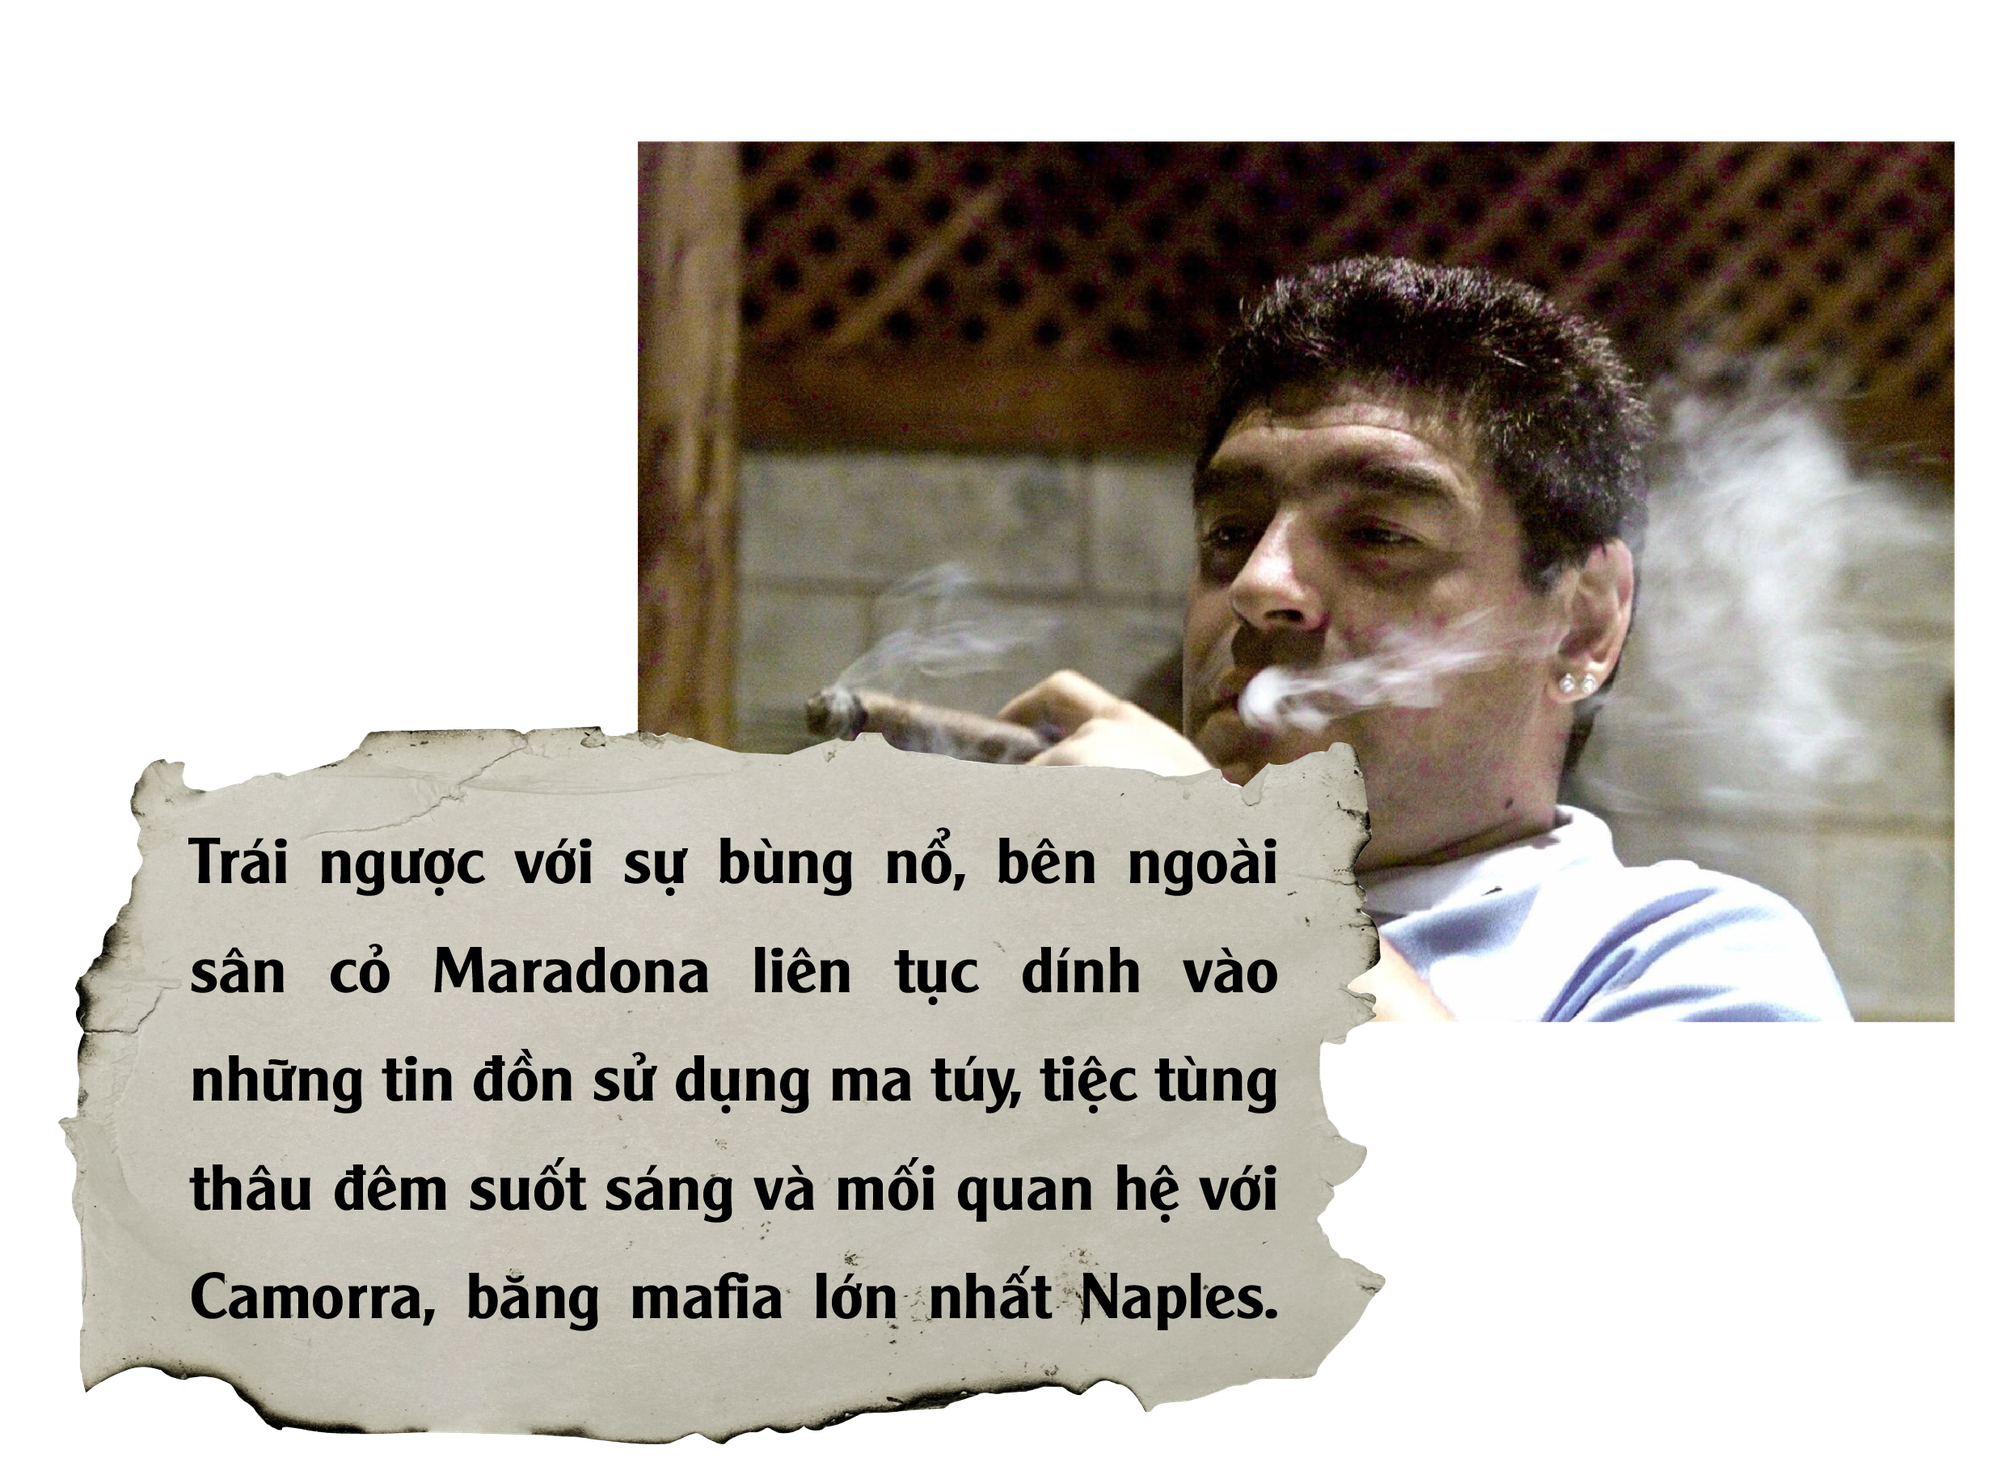 Diego Maradona: Vĩnh biệt vị lãnh tụ thiên tài ứng nghiệm từ lời tiên tri - Ảnh 11.